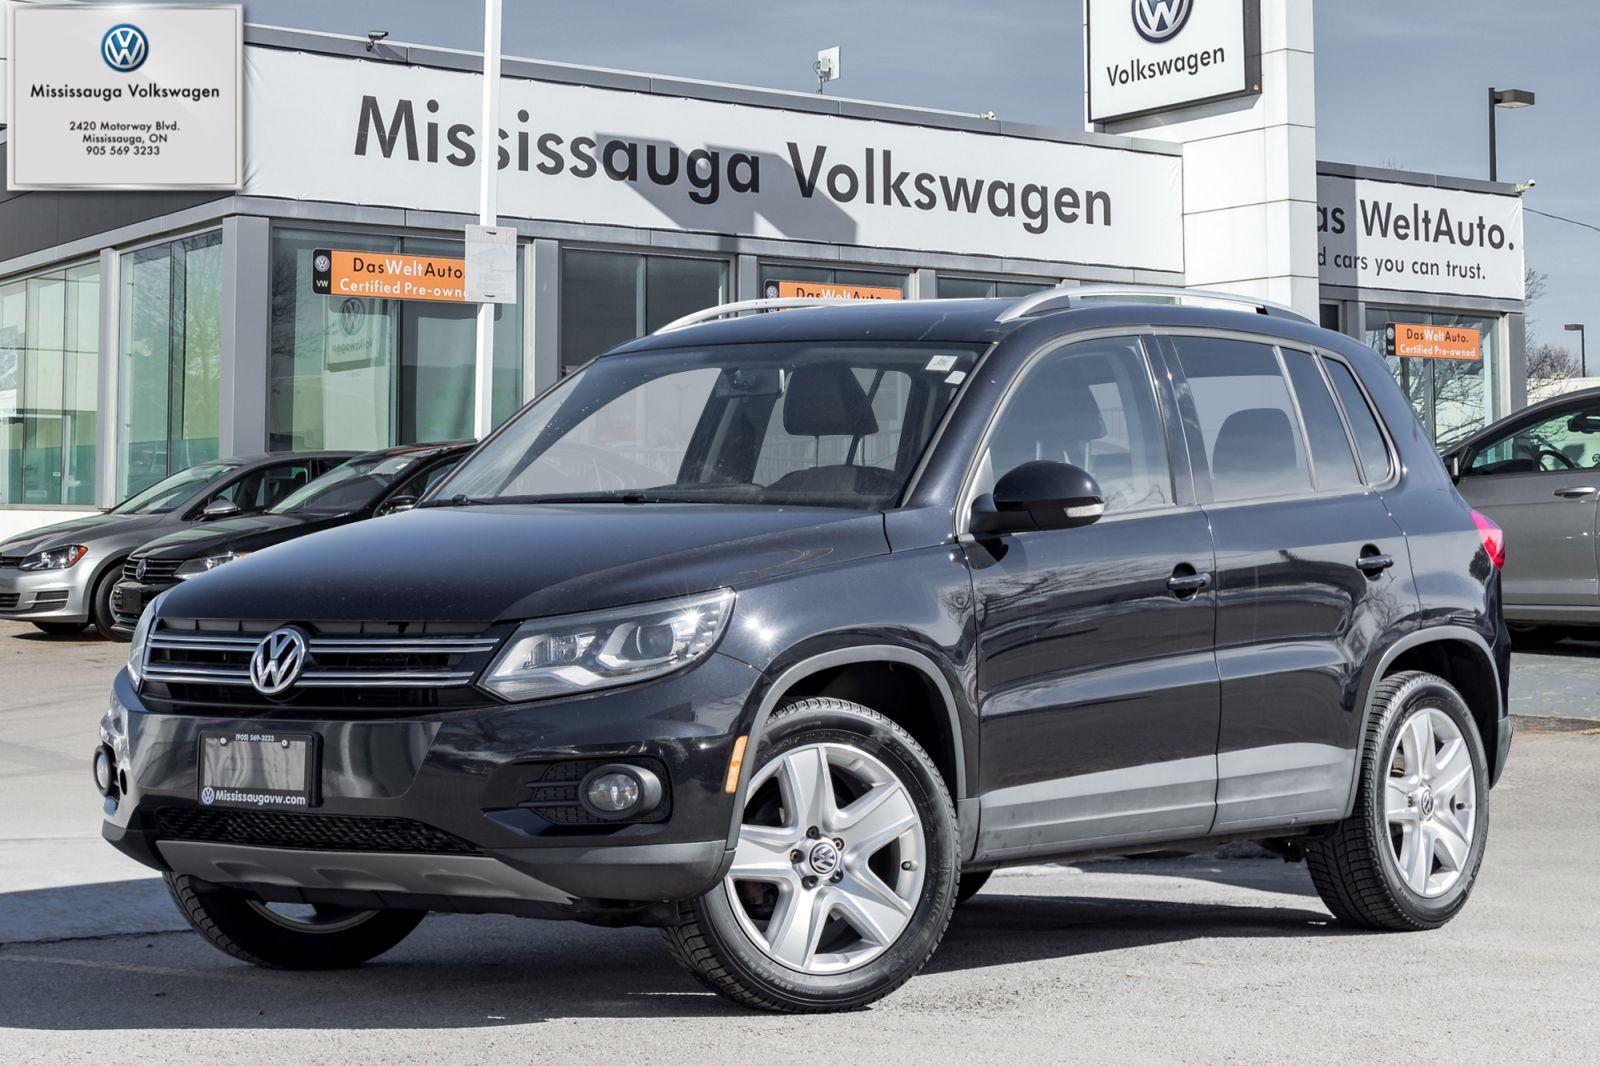 2014 Volkswagen Tiguan Image